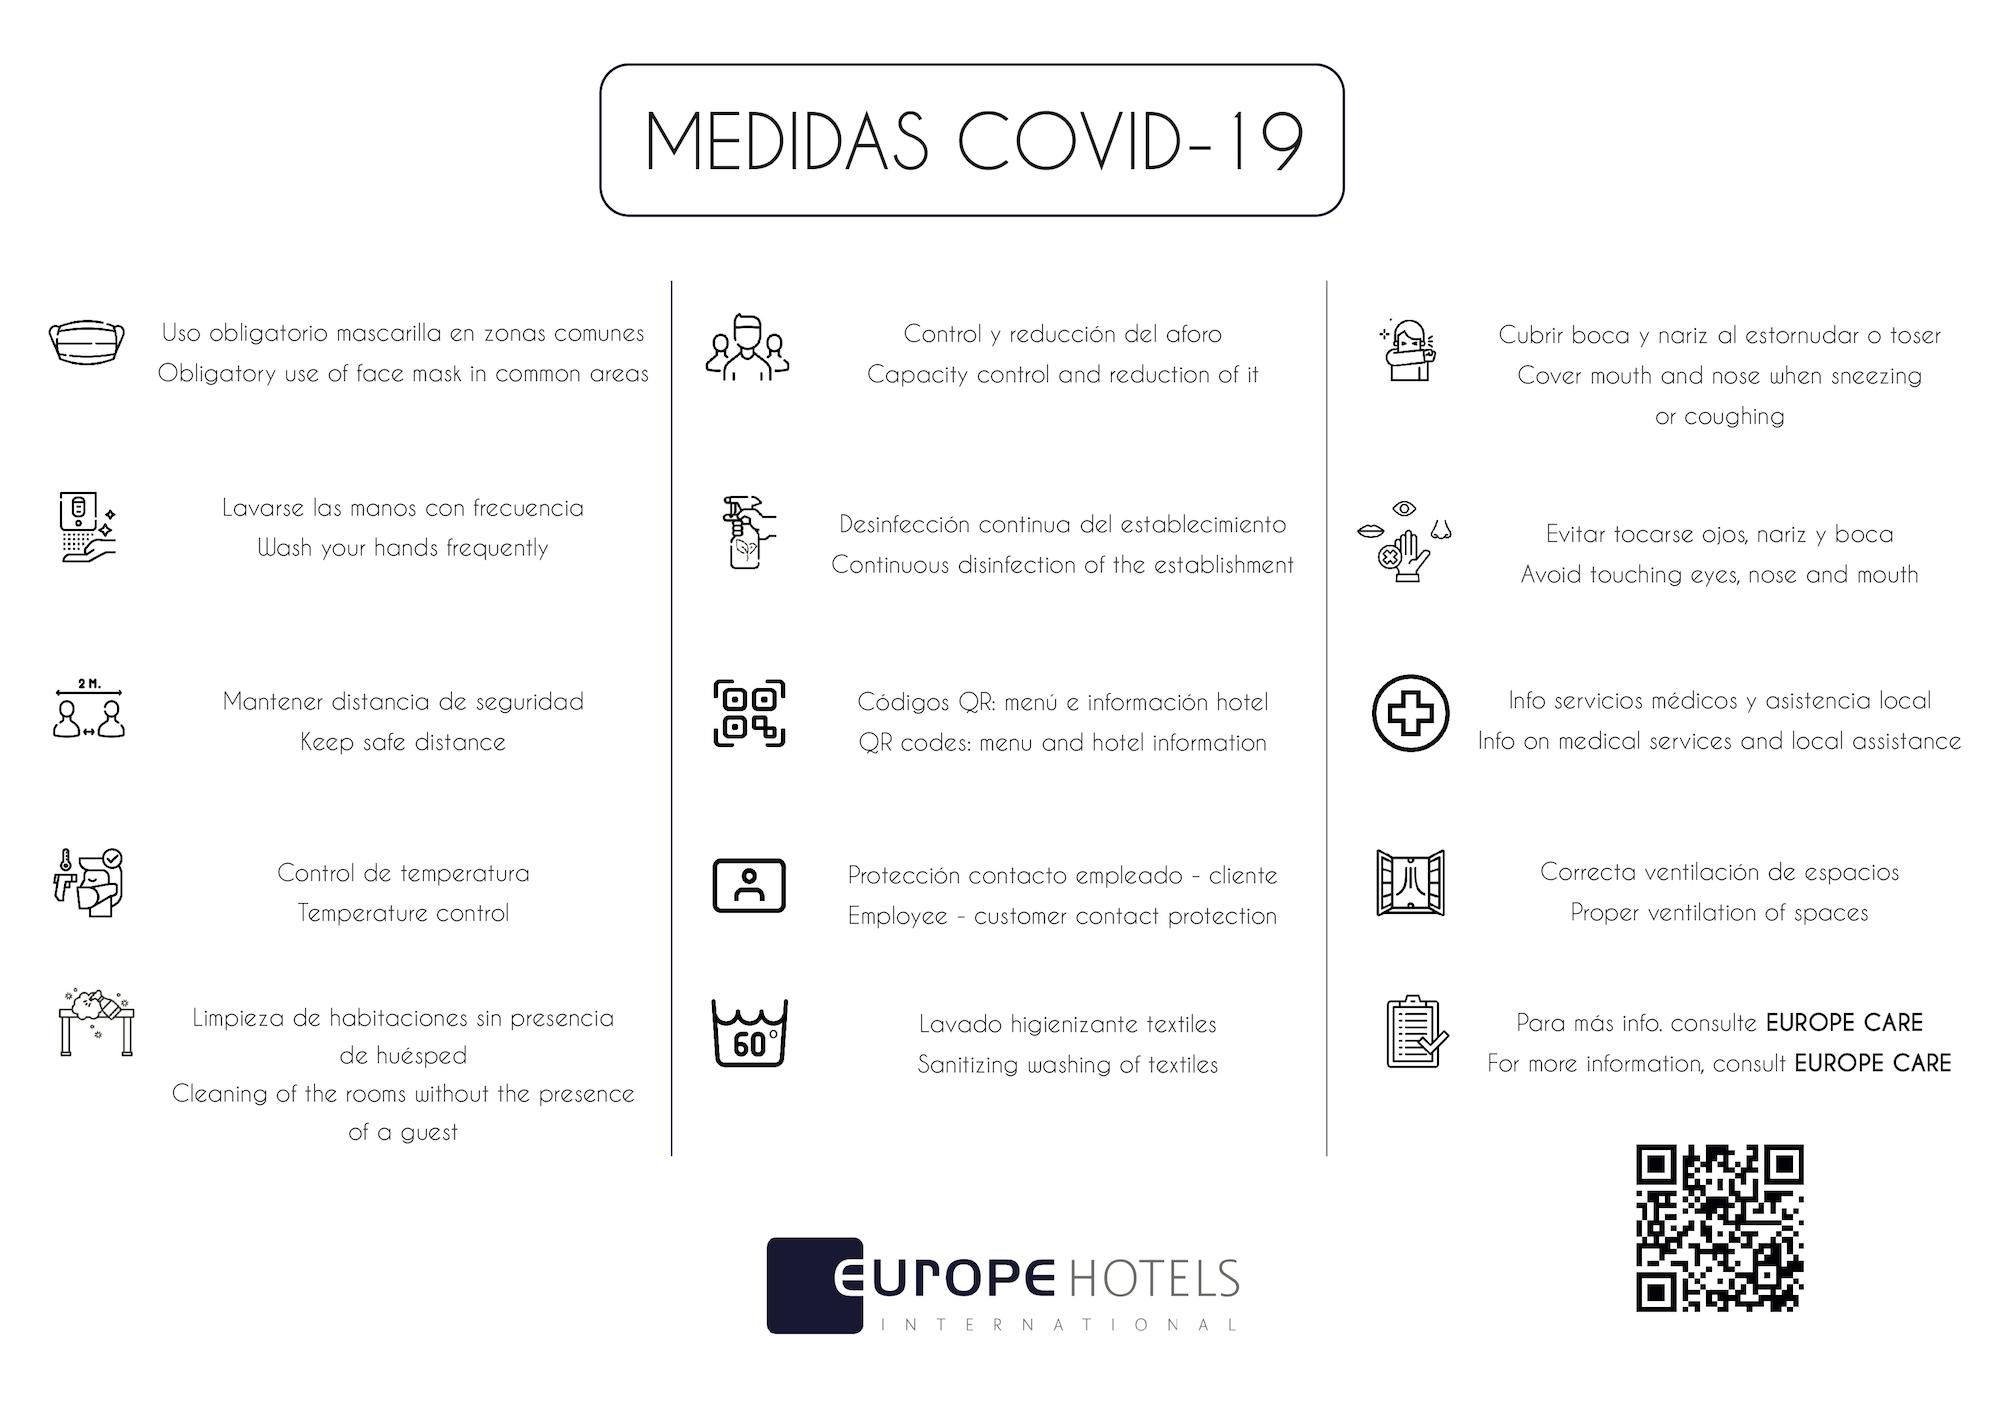 MEDIDAS COVID ESPAÑOL E INGLES